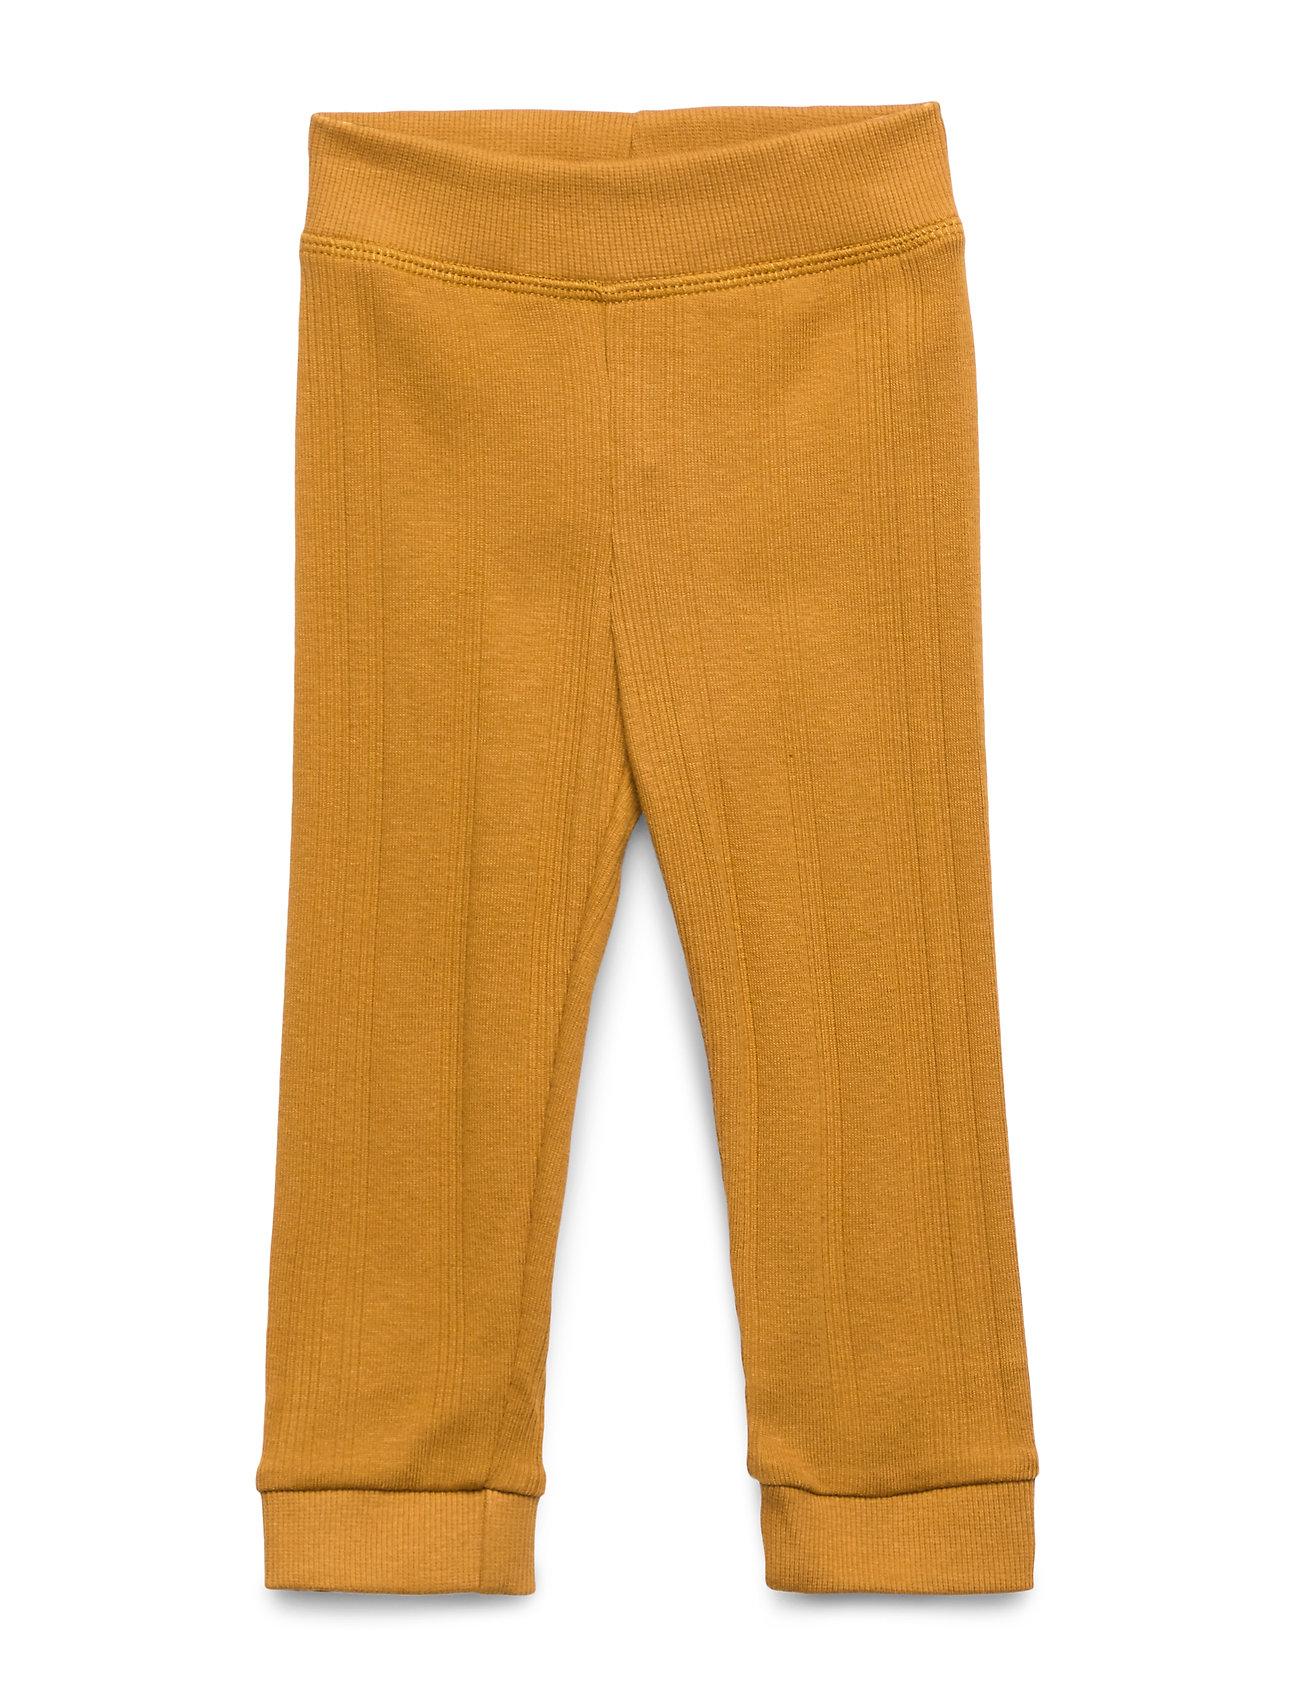 Noa Noa Miniature Leggings - GOLDEN BROWN